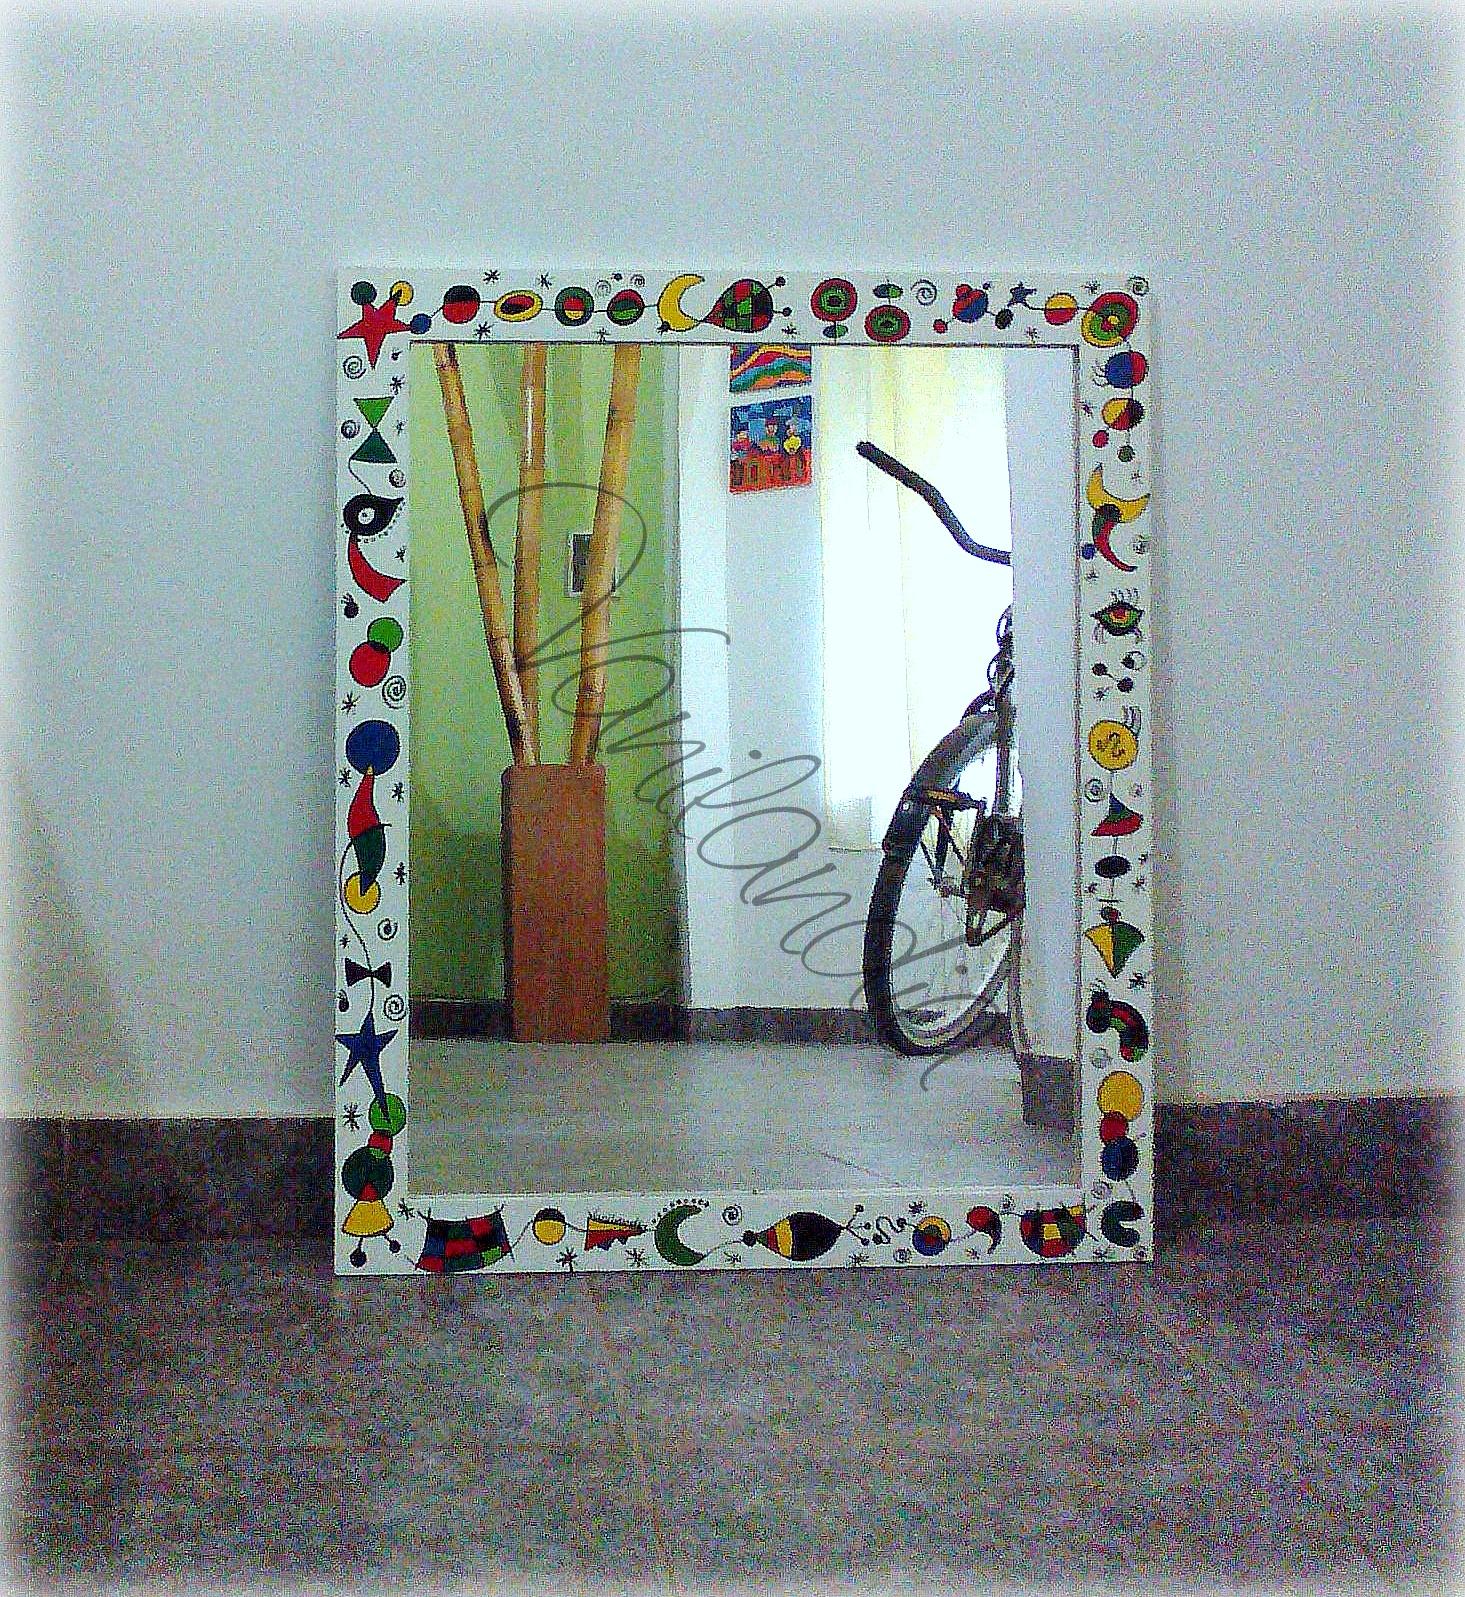 Vanilandia cuadros y marcos de madera pintados for Pintar marco espejo